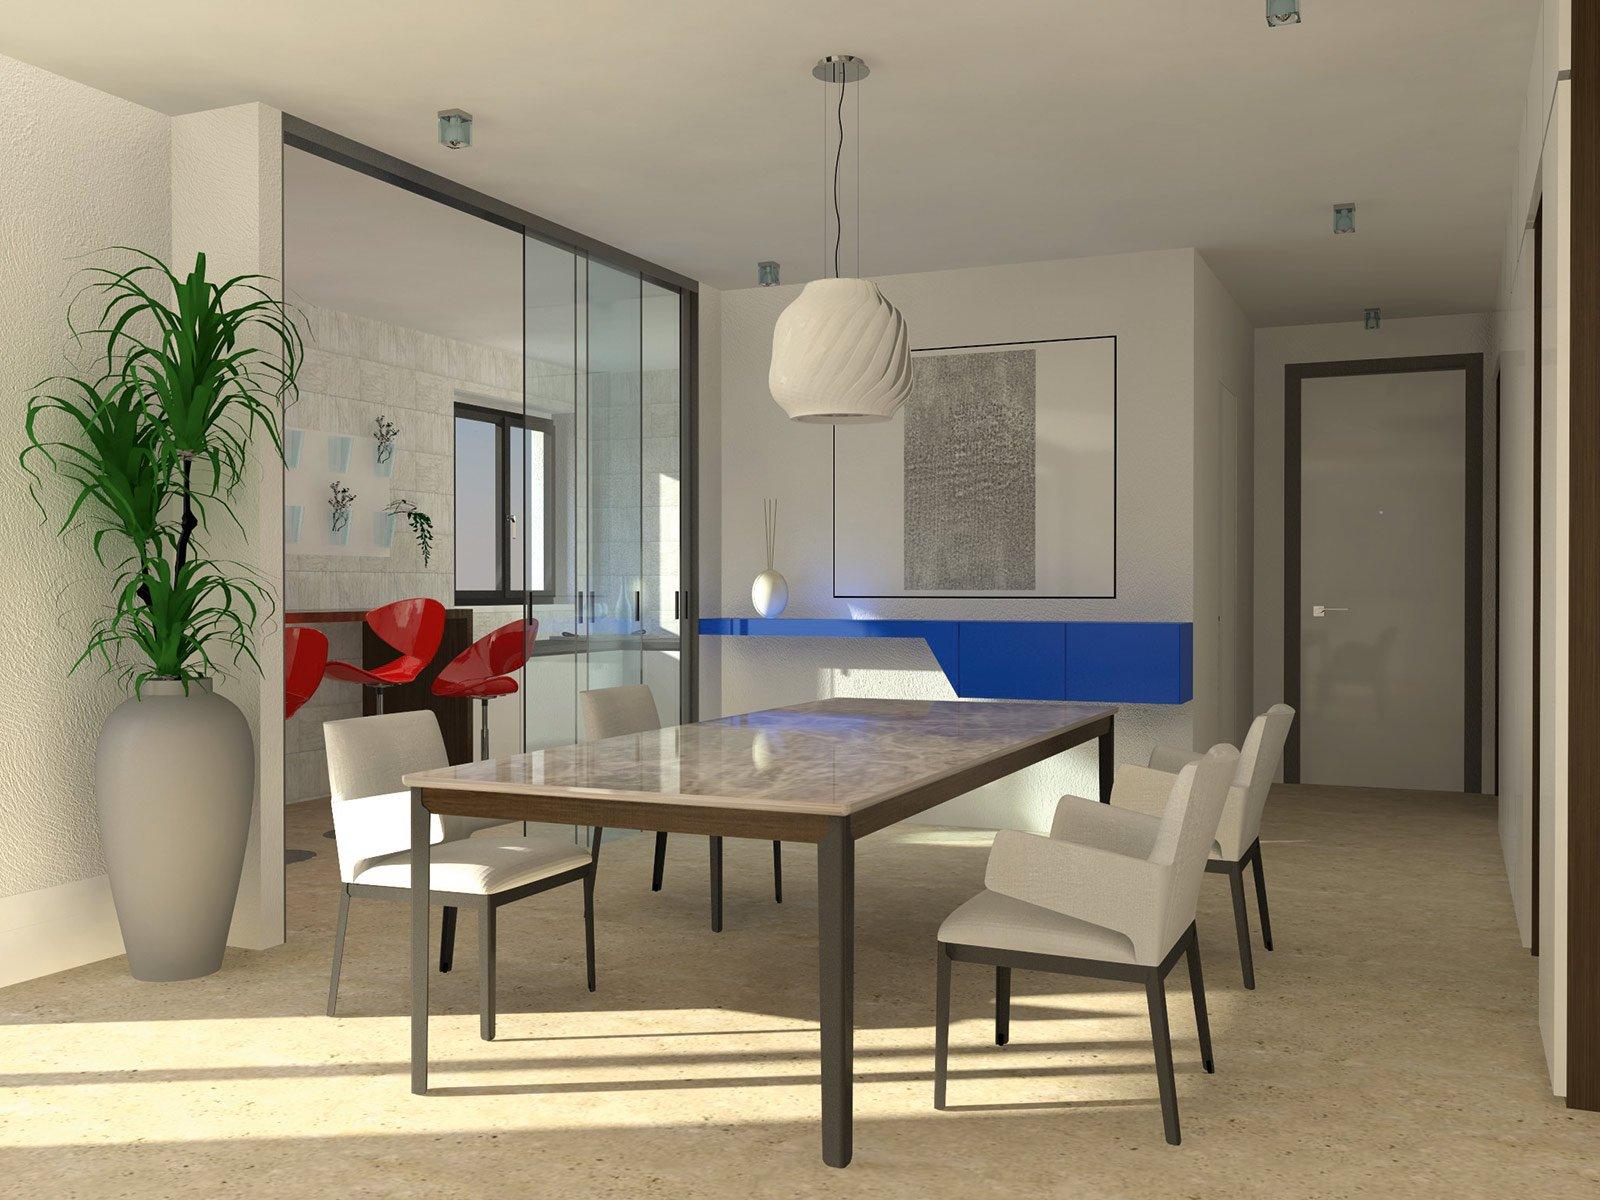 Una cucina parzialmente schermata cose di casa - Cucine con soggiorno ...